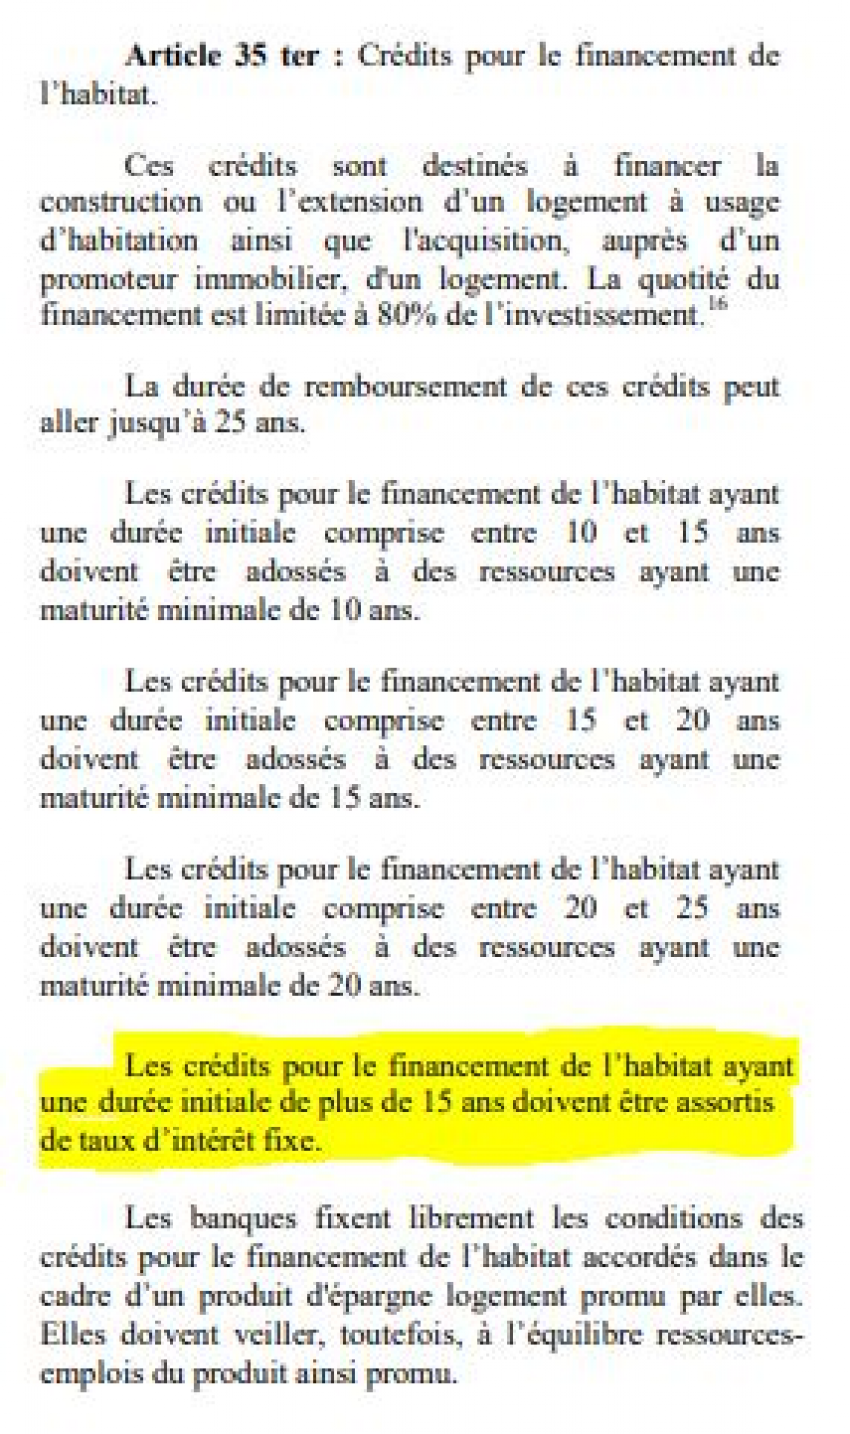 منشور البنك المركزي التونسي عدد 25/ 2007 الصادر في 19 نوفمبر 2007